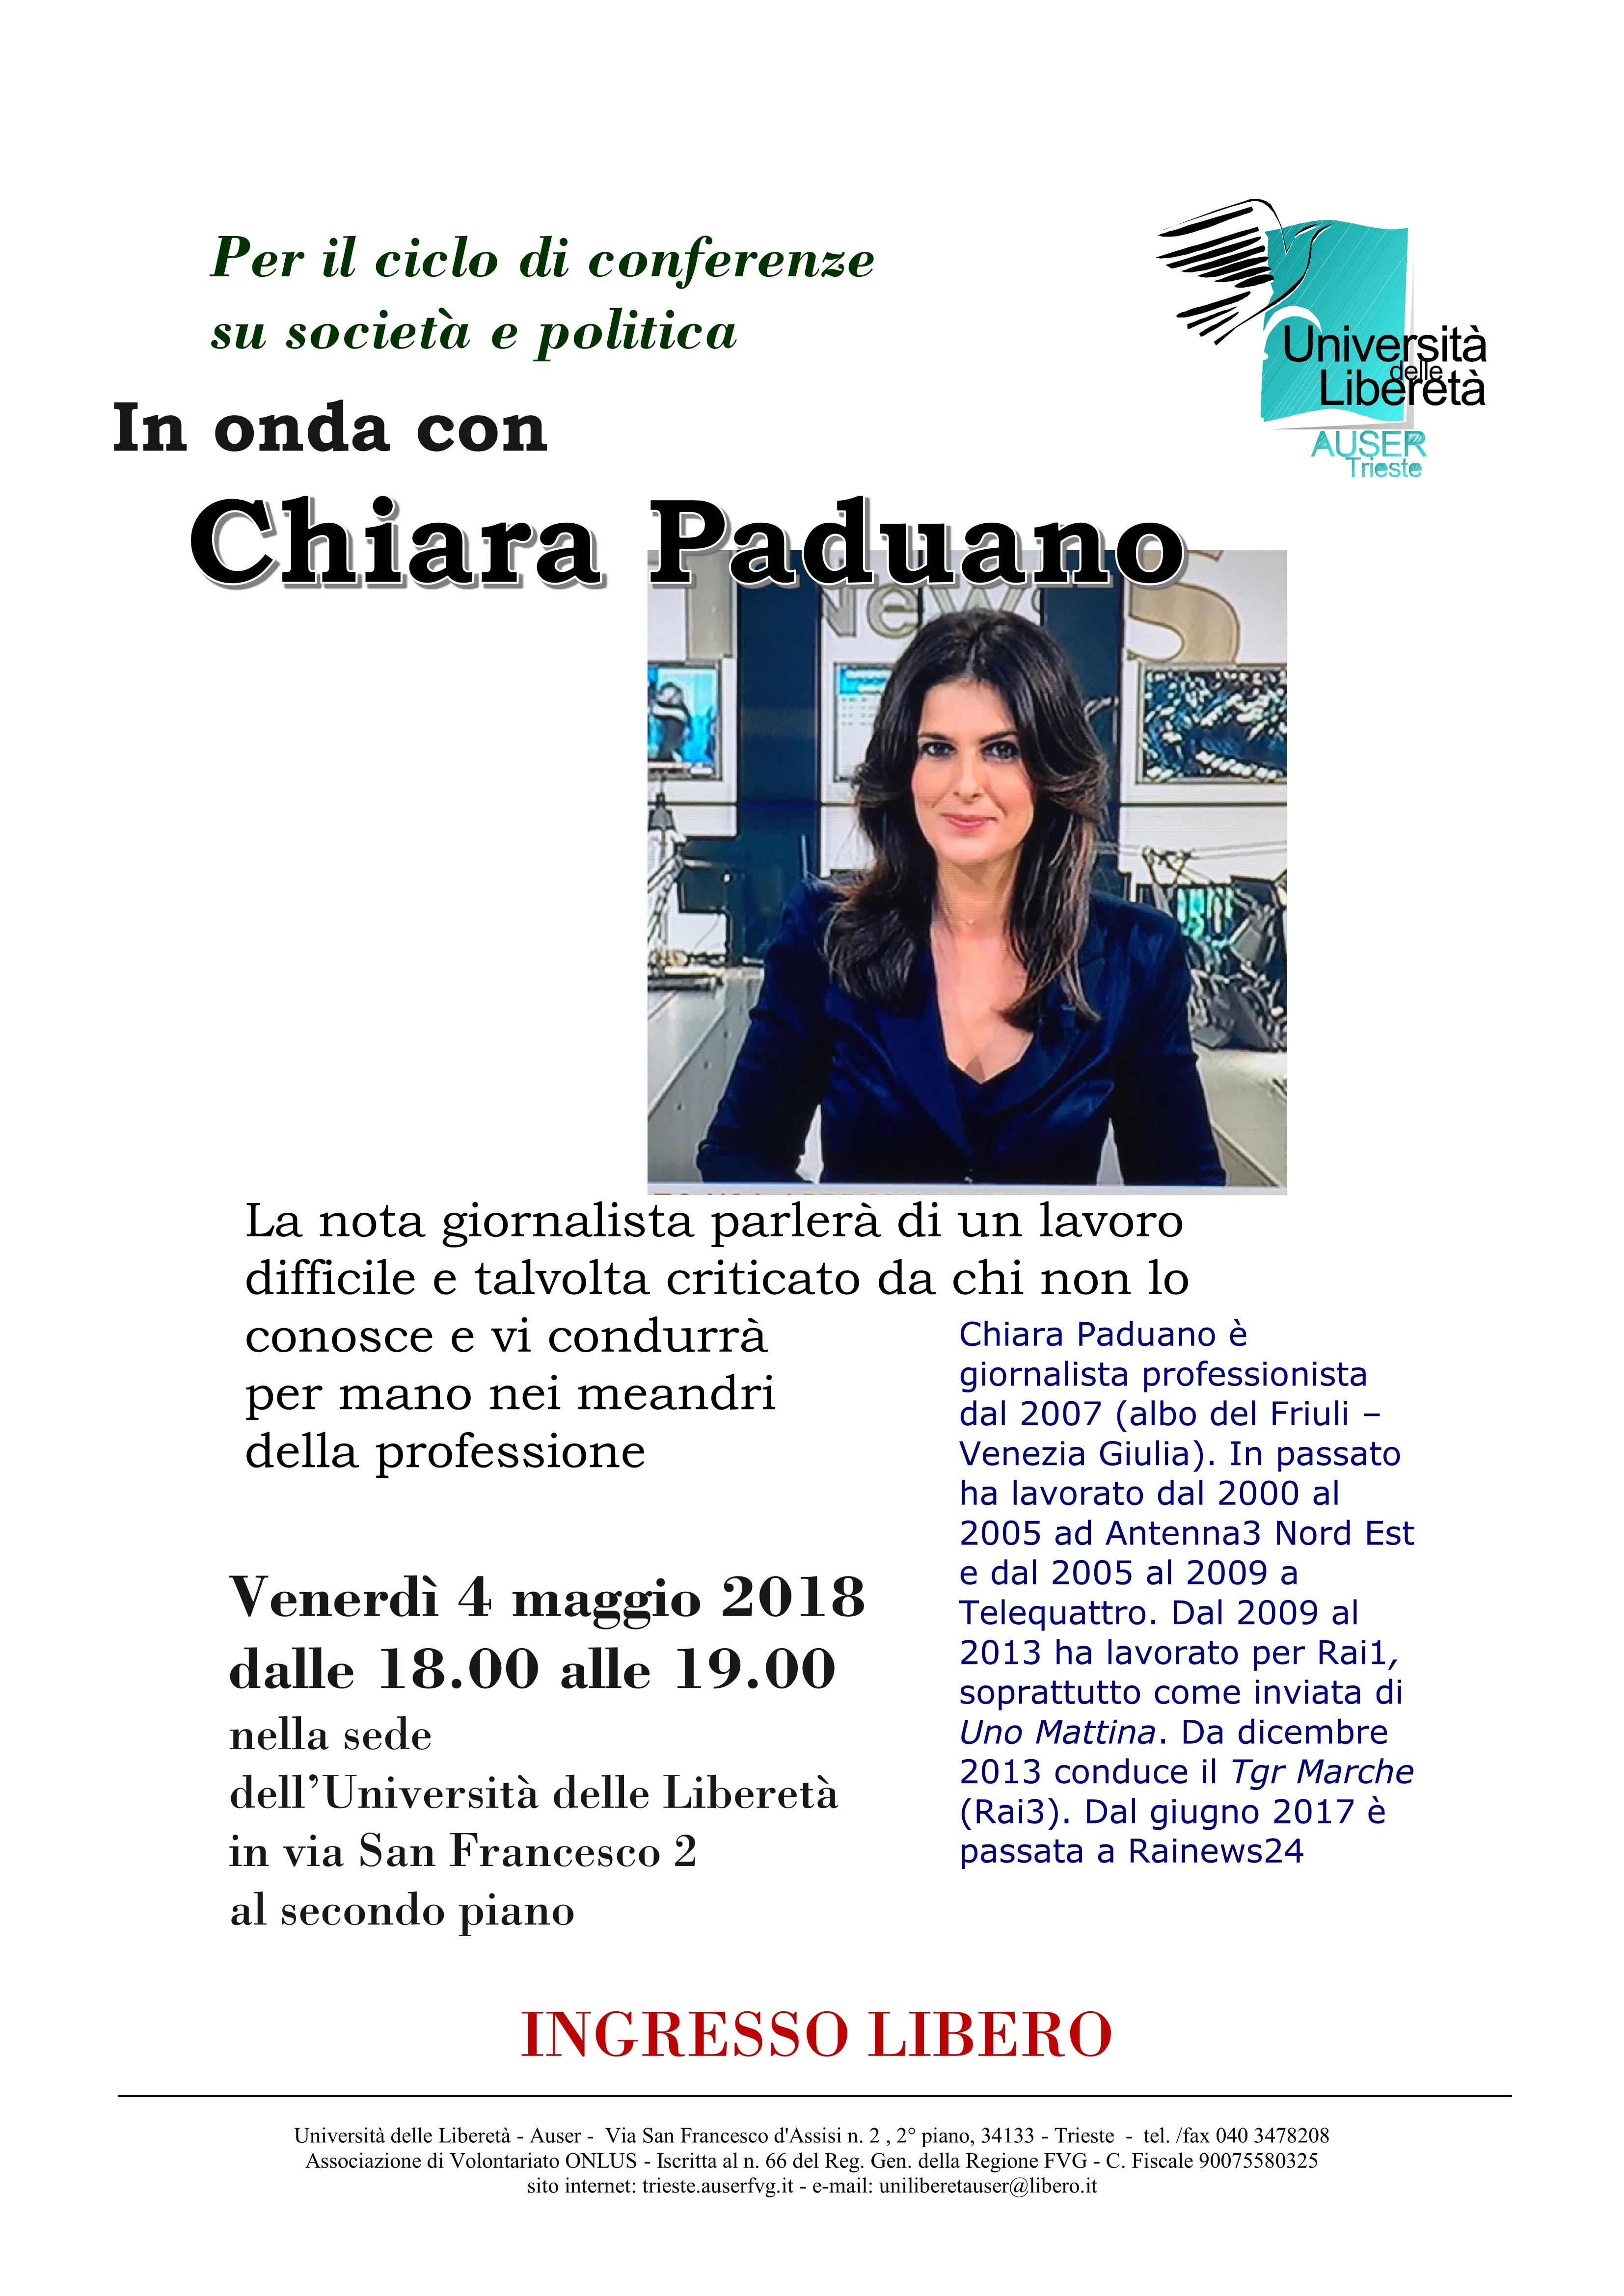 In onda con Chiara Paduano1